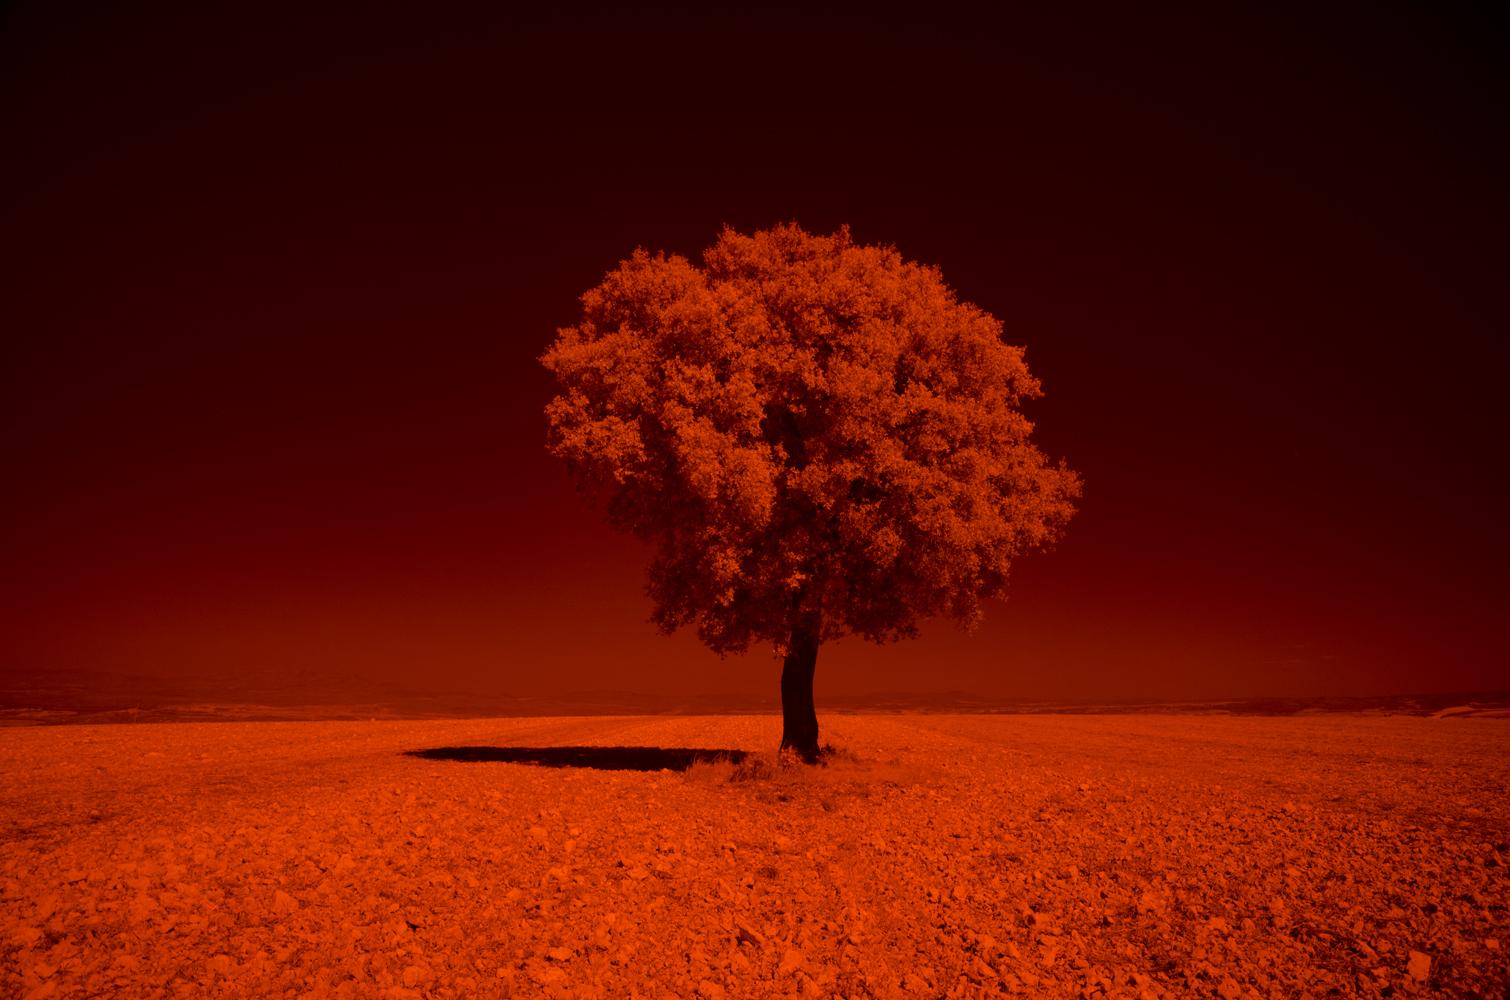 Как превратить пейзажное фото в сюрреалистическое инфракрасное изображение - 2